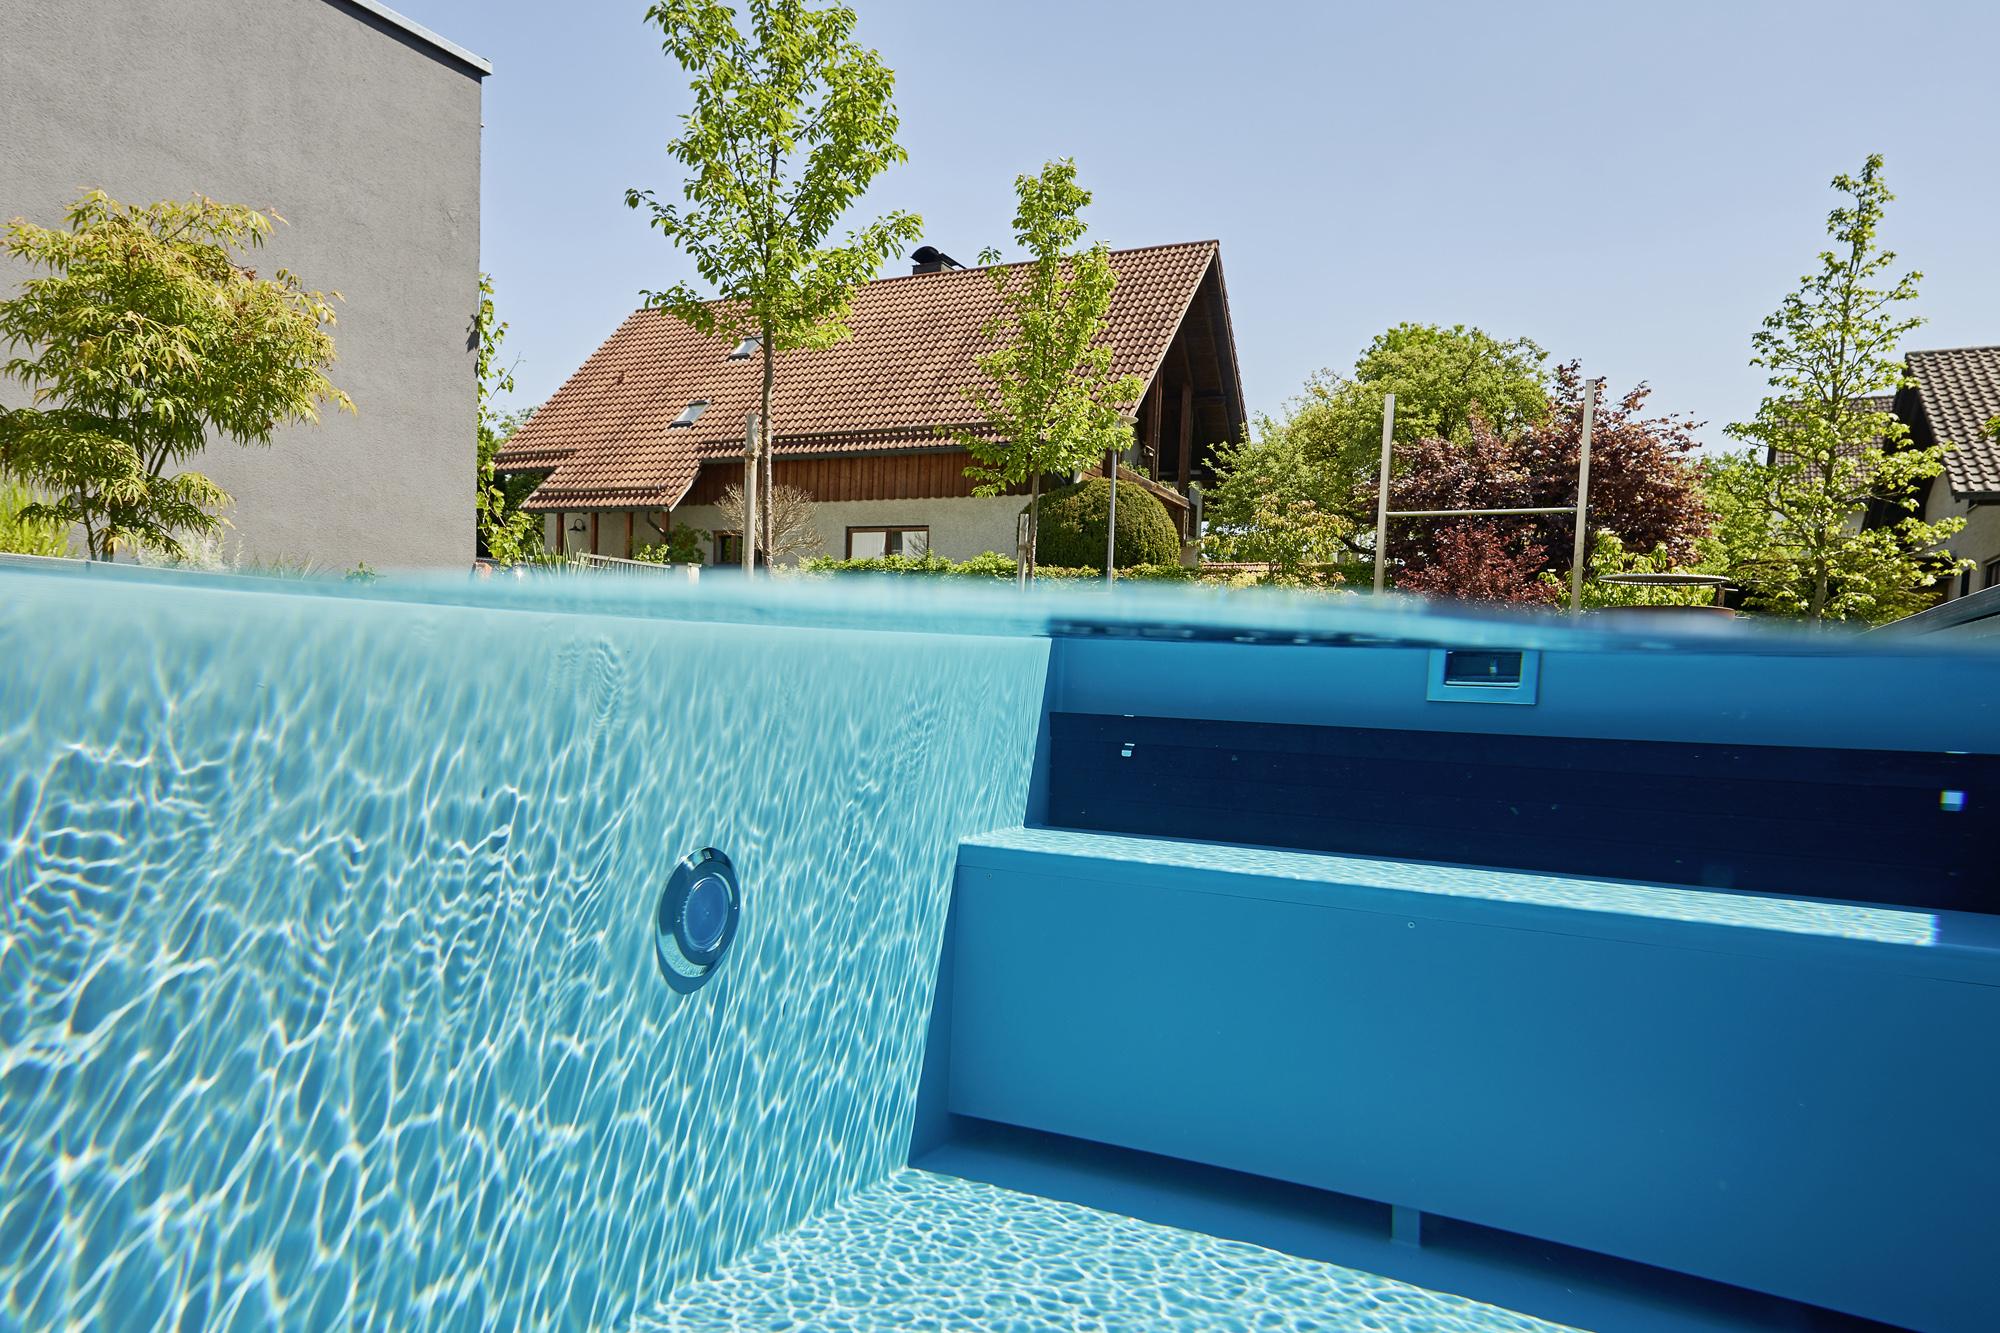 Des Weiteren erwärmt die Solarabdeckung das Schwimmbadwasser